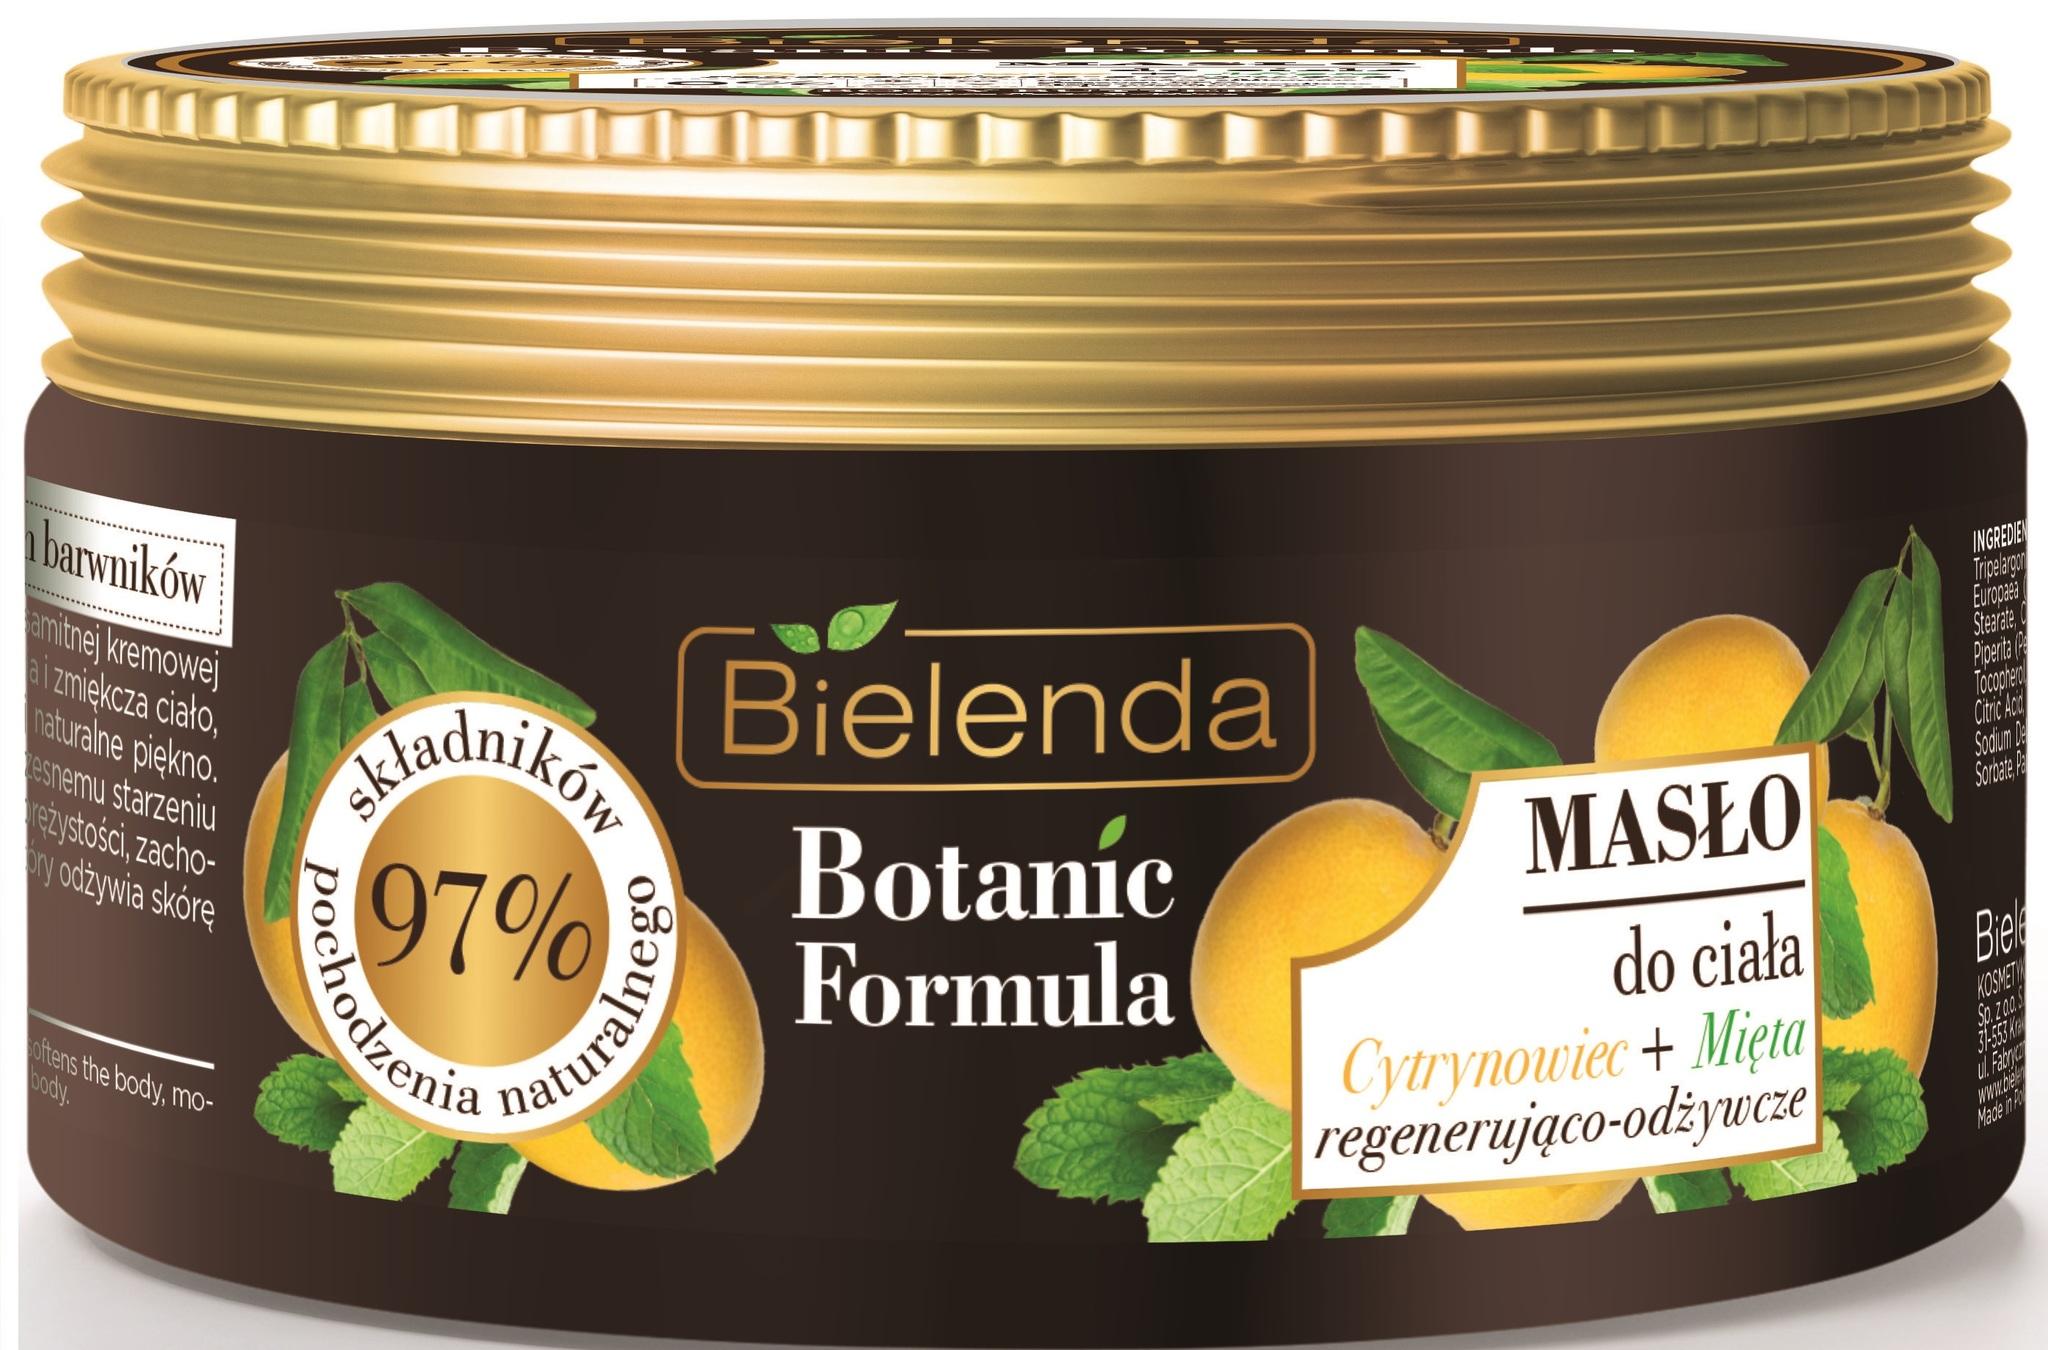 BOTANIC FORMULA Лимон + Мята, масло для тела, 250 мл